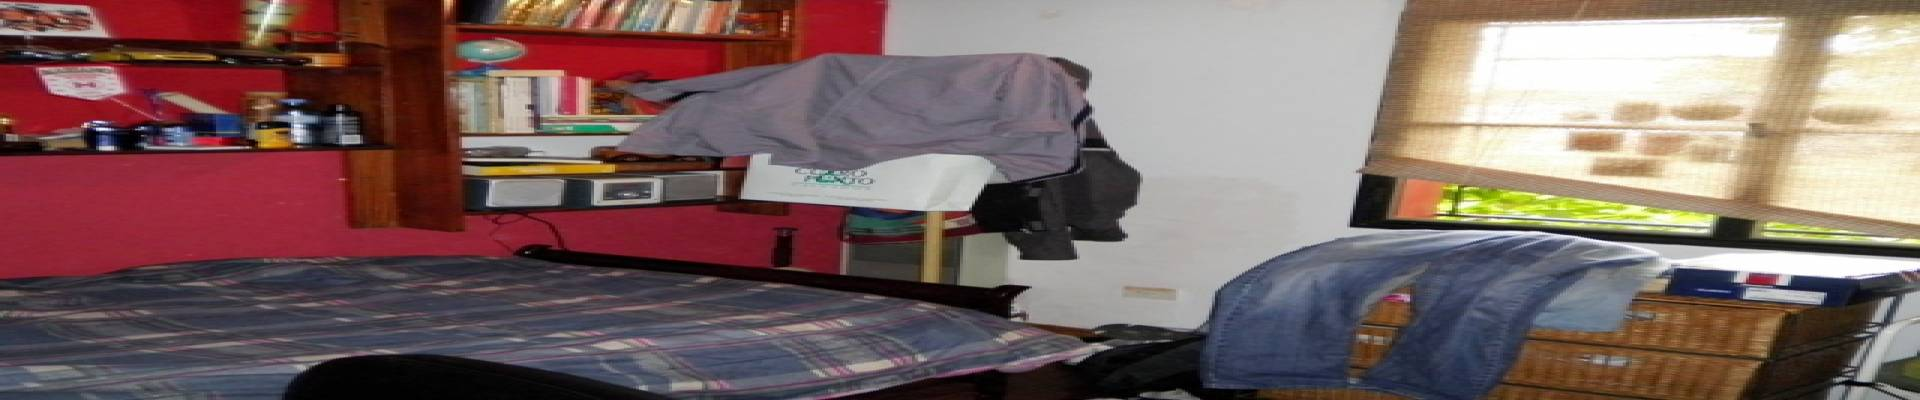 Parque Avellaneda,Capital Federal,Argentina,3 Bedrooms Bedrooms,2 BathroomsBathrooms,Apartamentos,MARIANO ACOSTA,6652